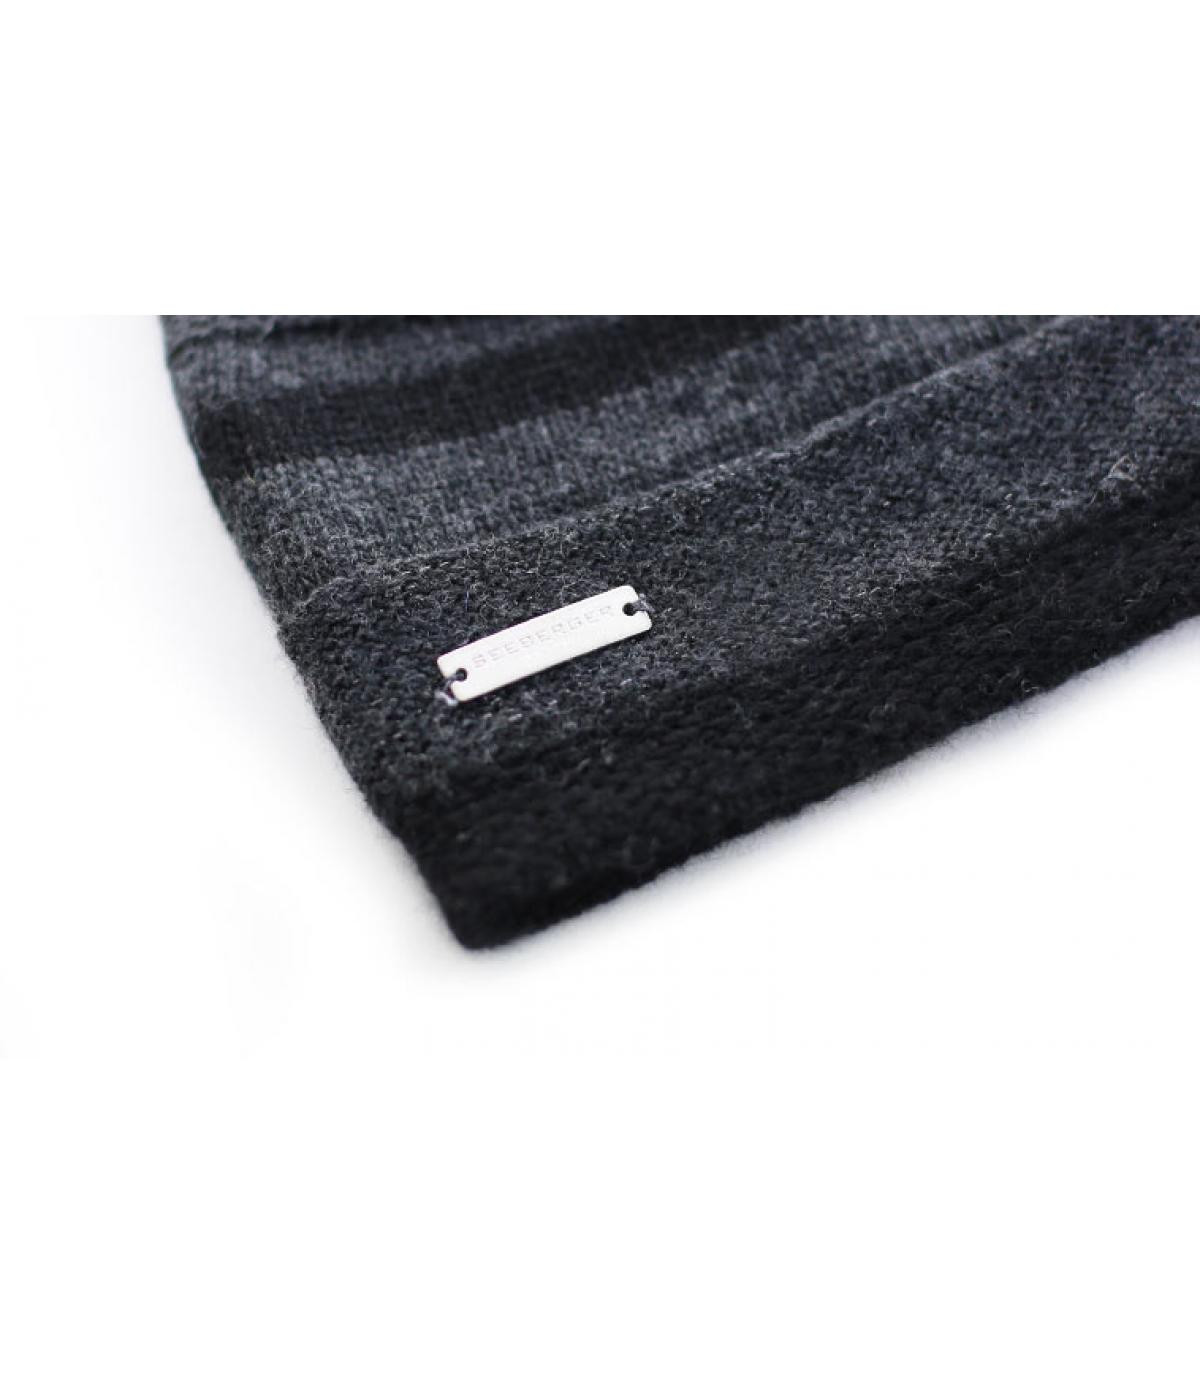 Details Lurex Stripes Mütze schwarz - Abbildung 3